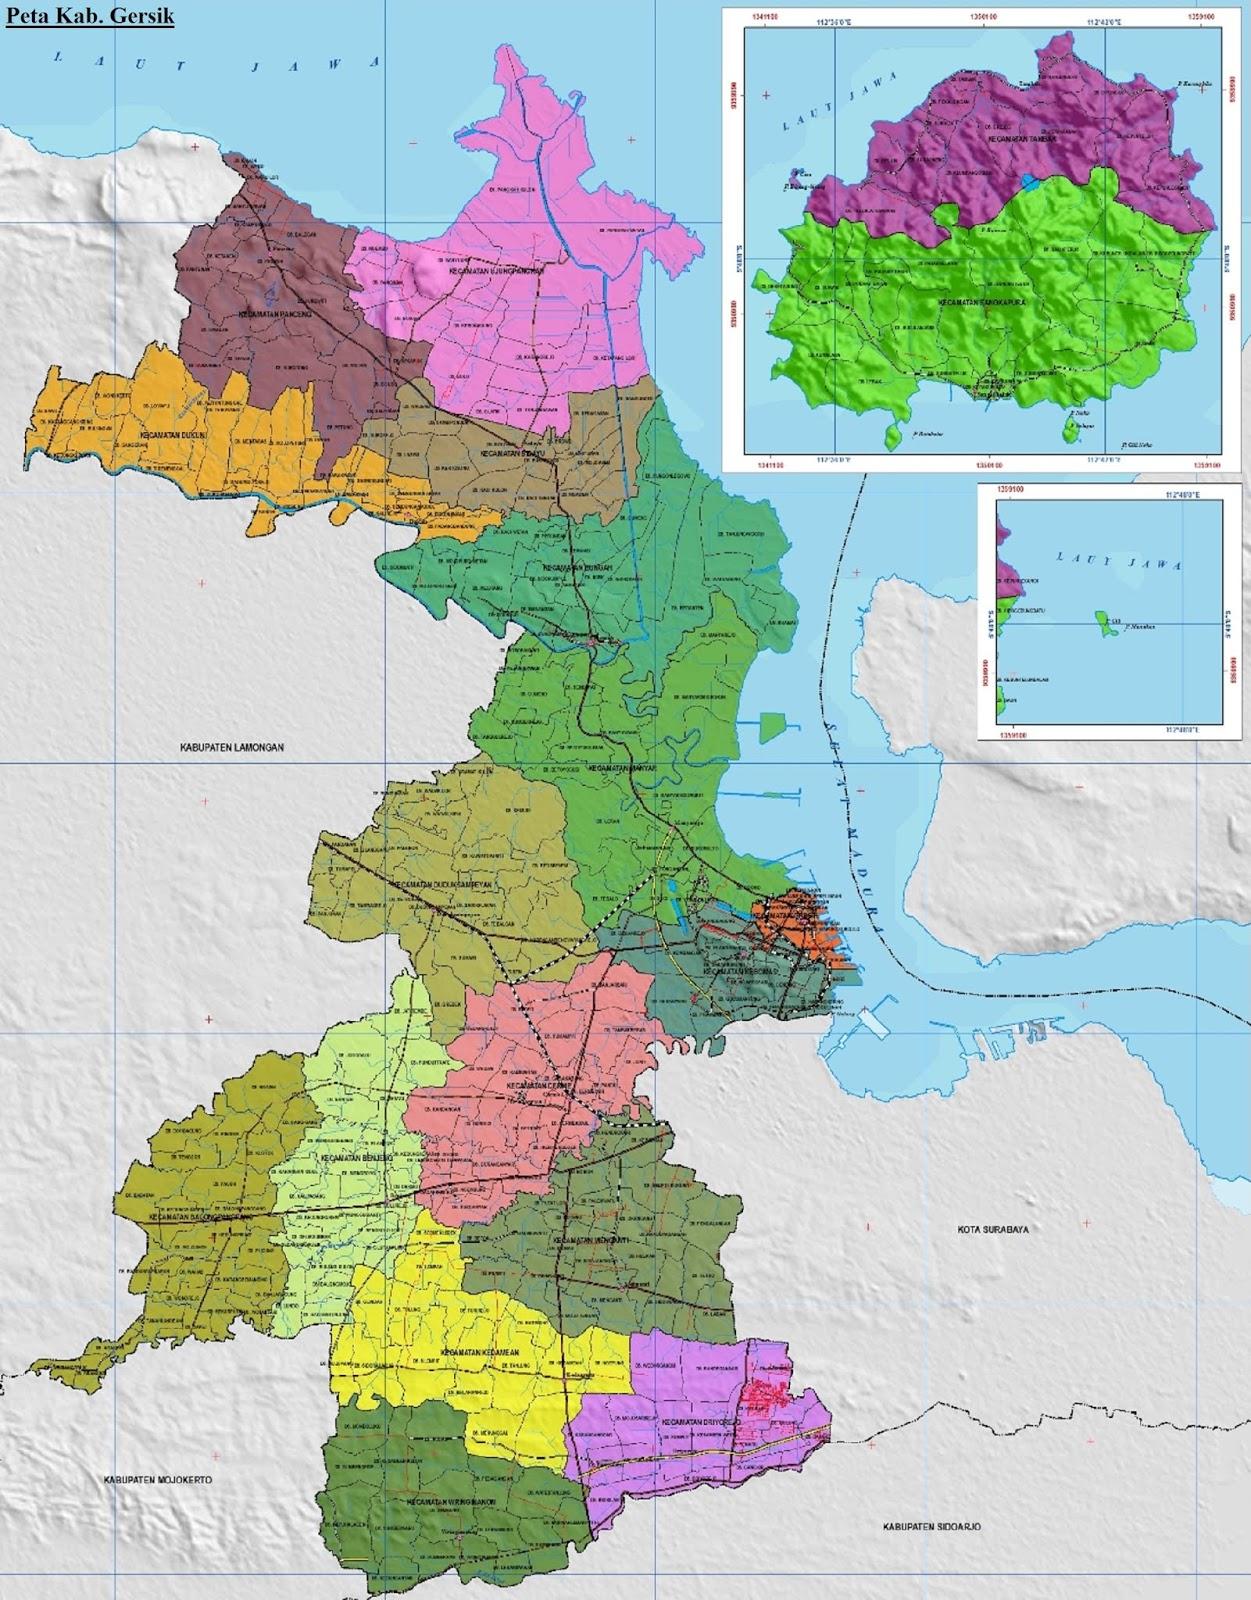 Peta Kabupaten Gresik